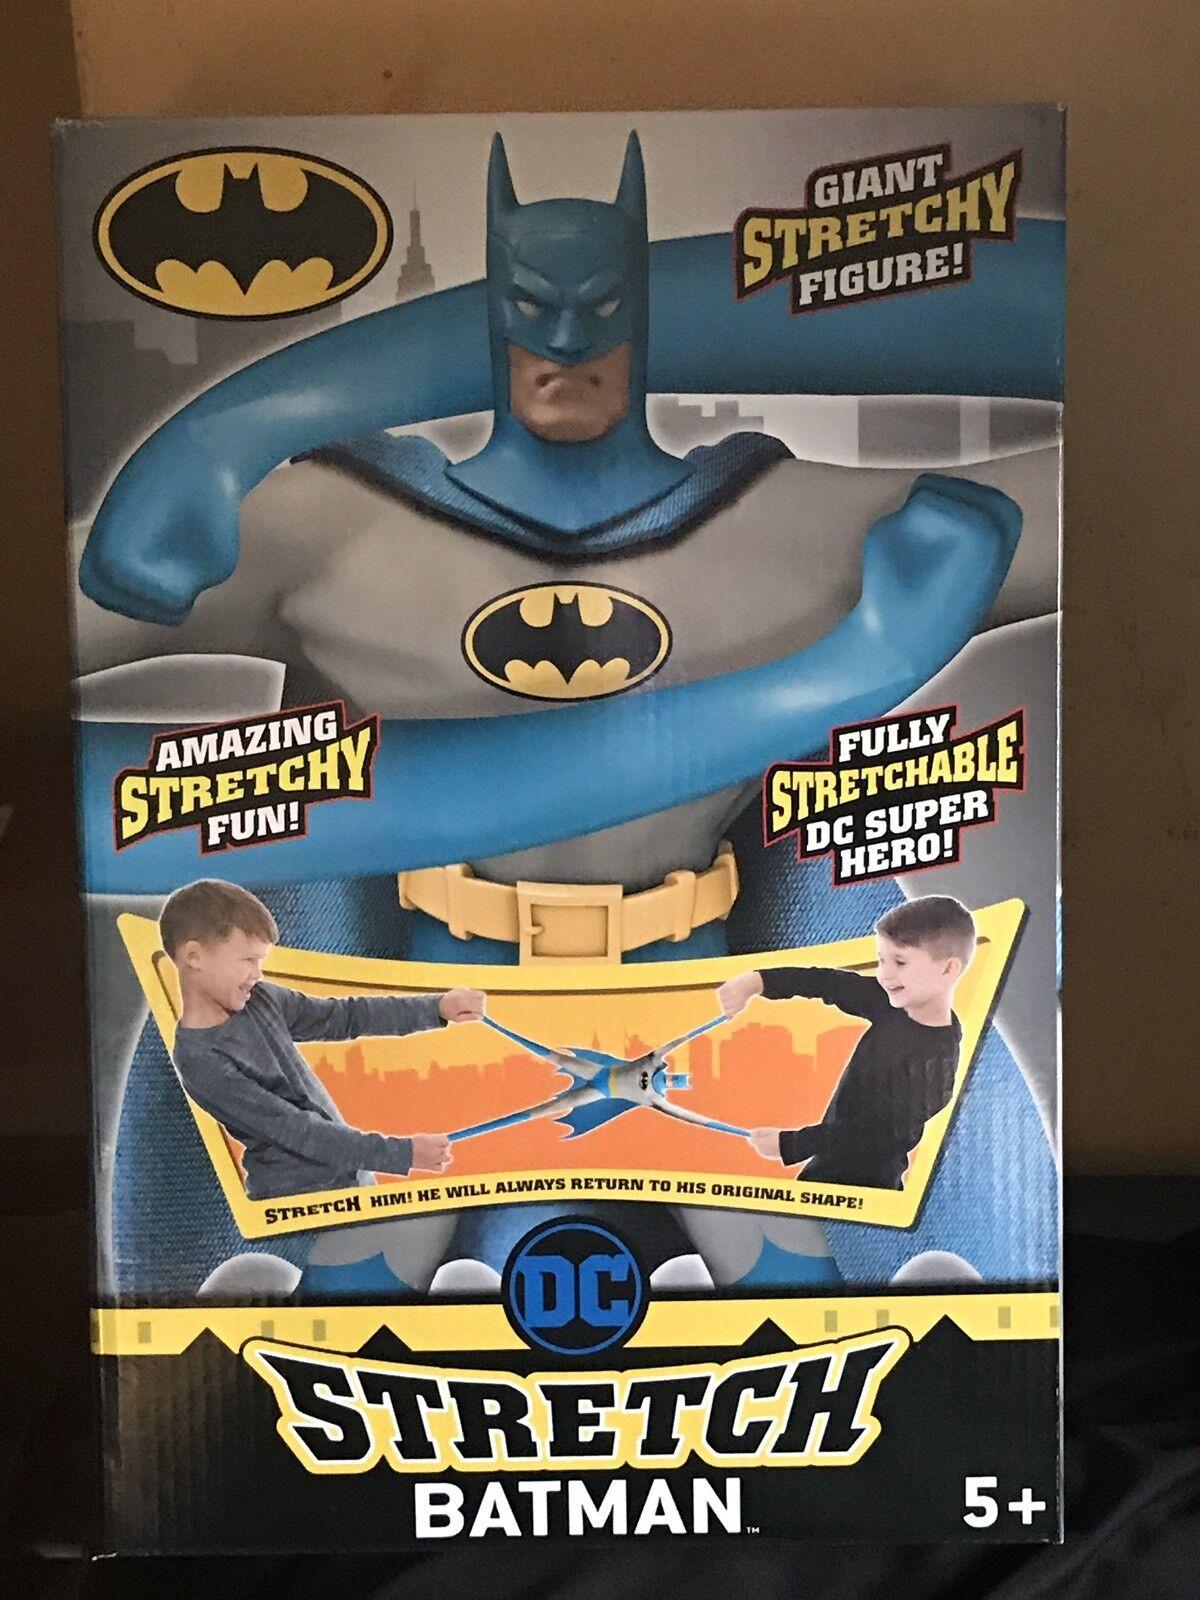 10  stretch gerechtigkeitsliga batman - us - verkäufer -           schnelle lieferung